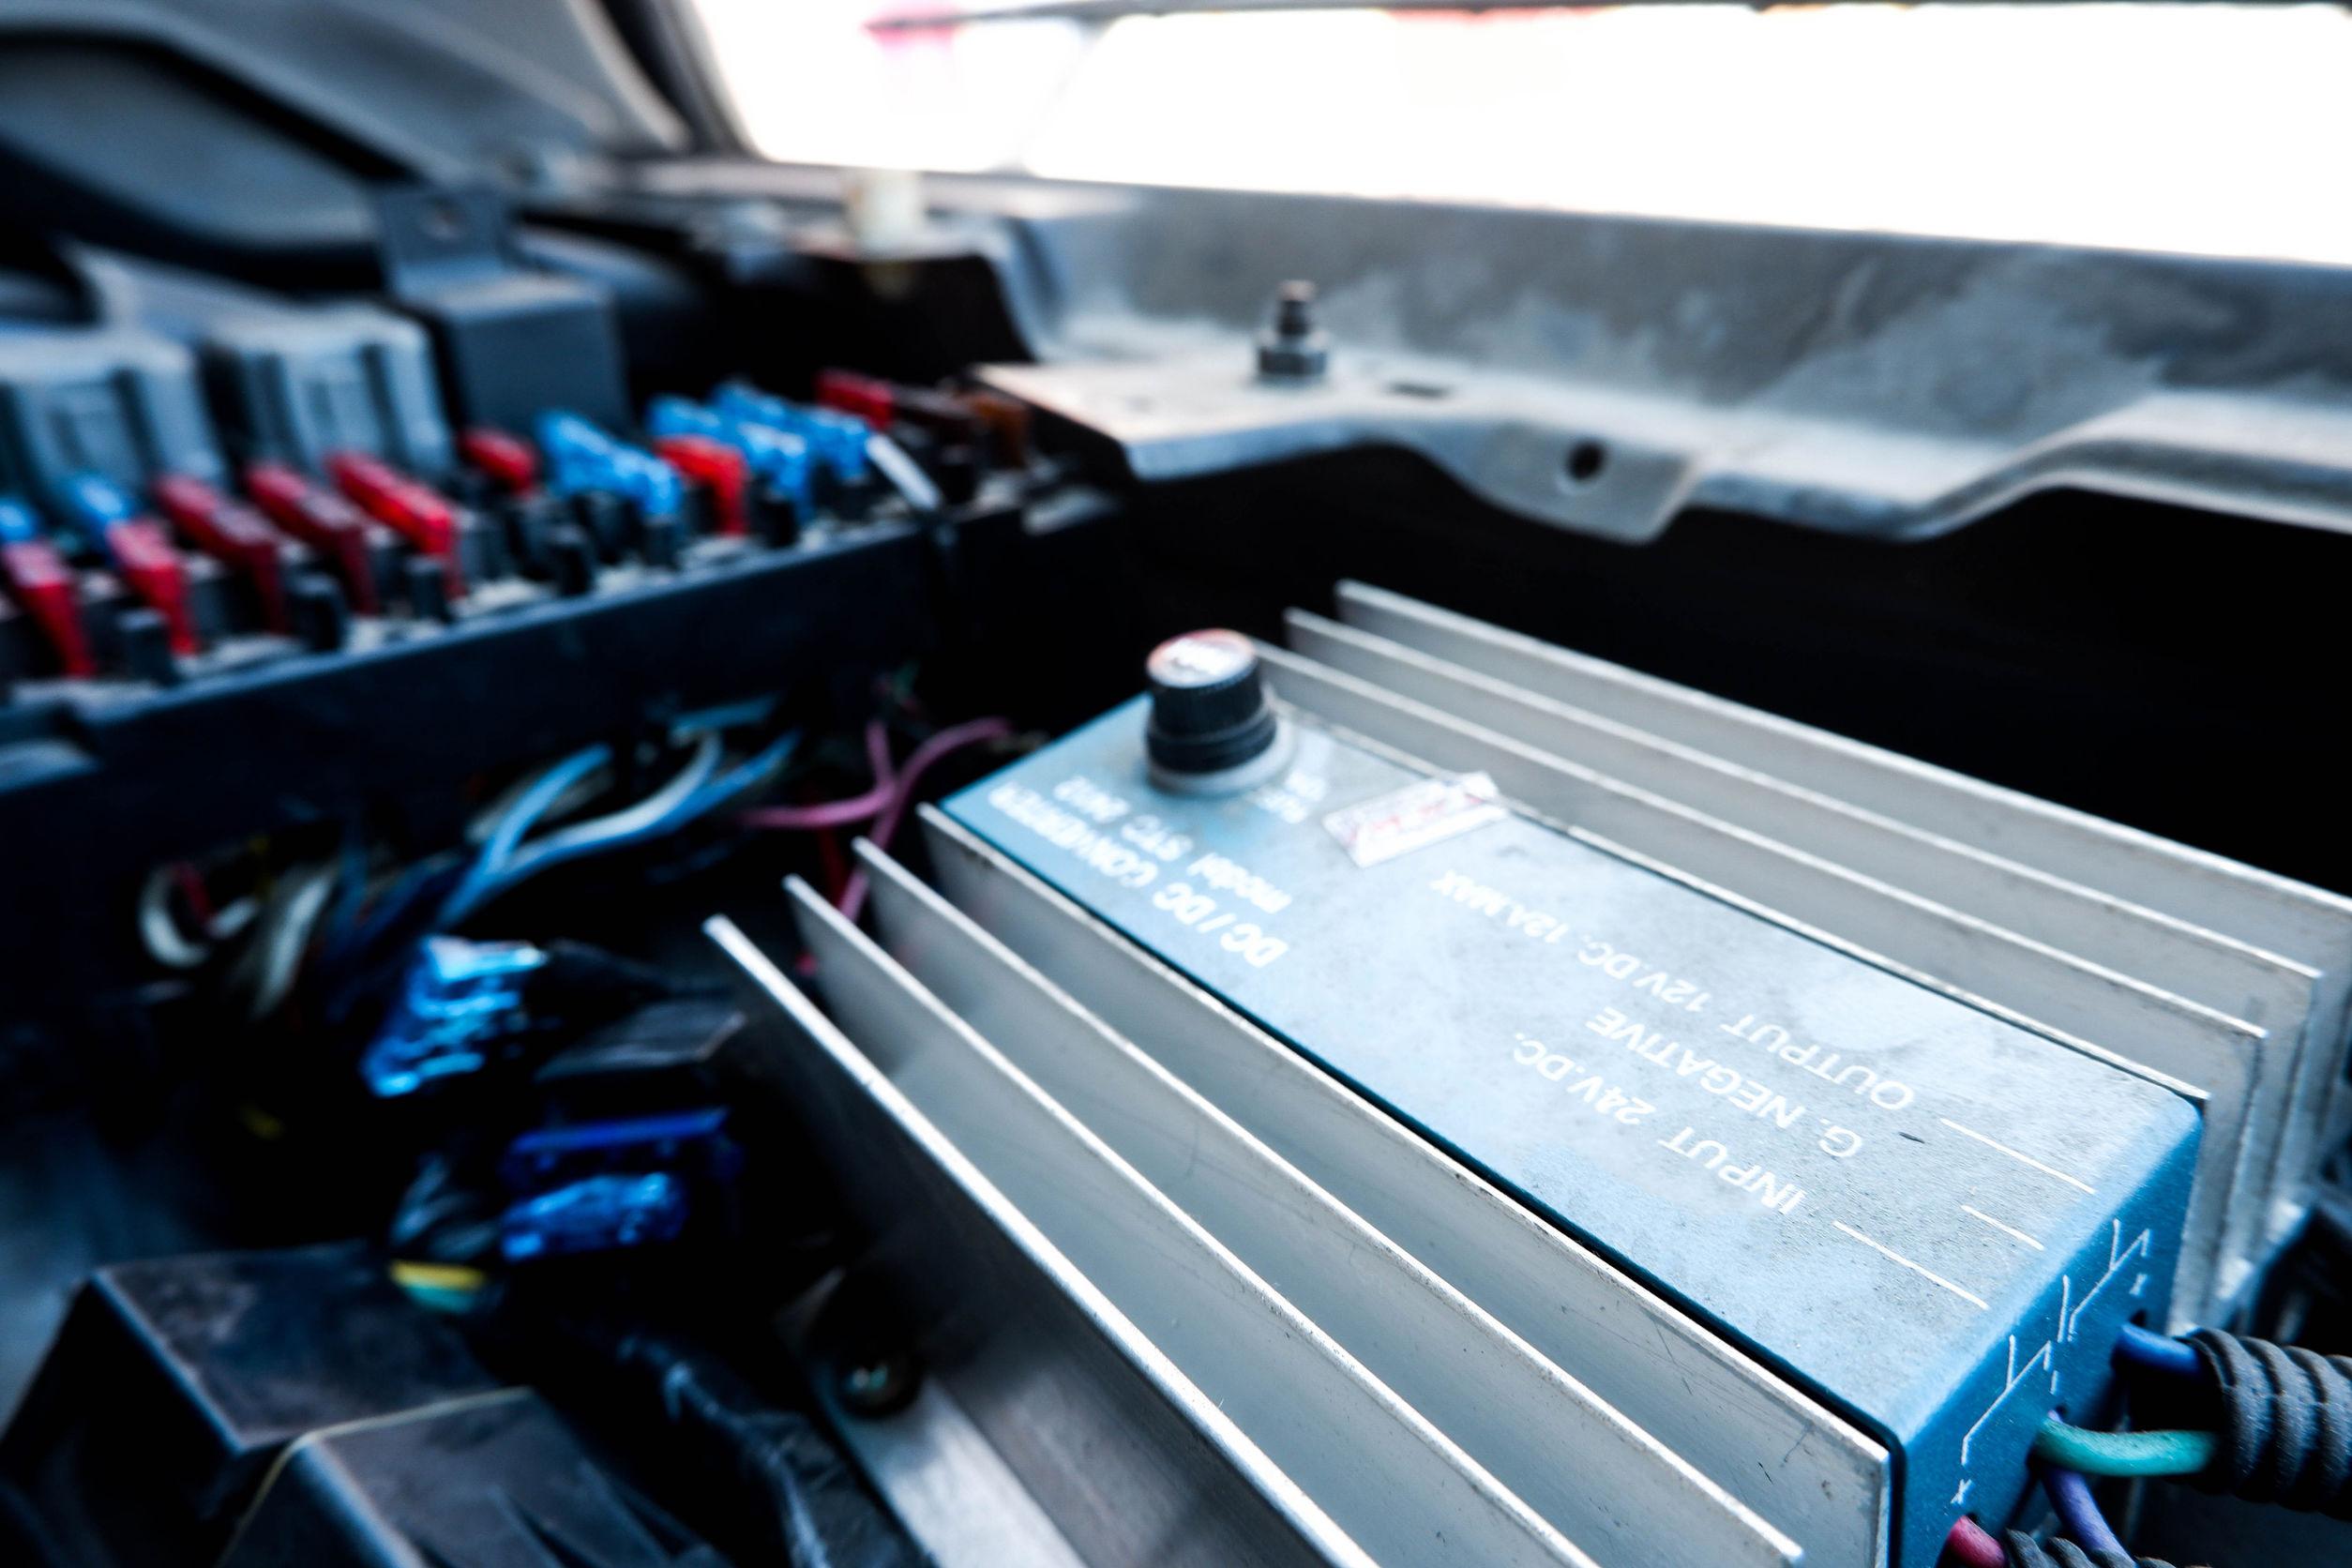 Imagem mostra um inversor de tensão conectado a uma bateria.